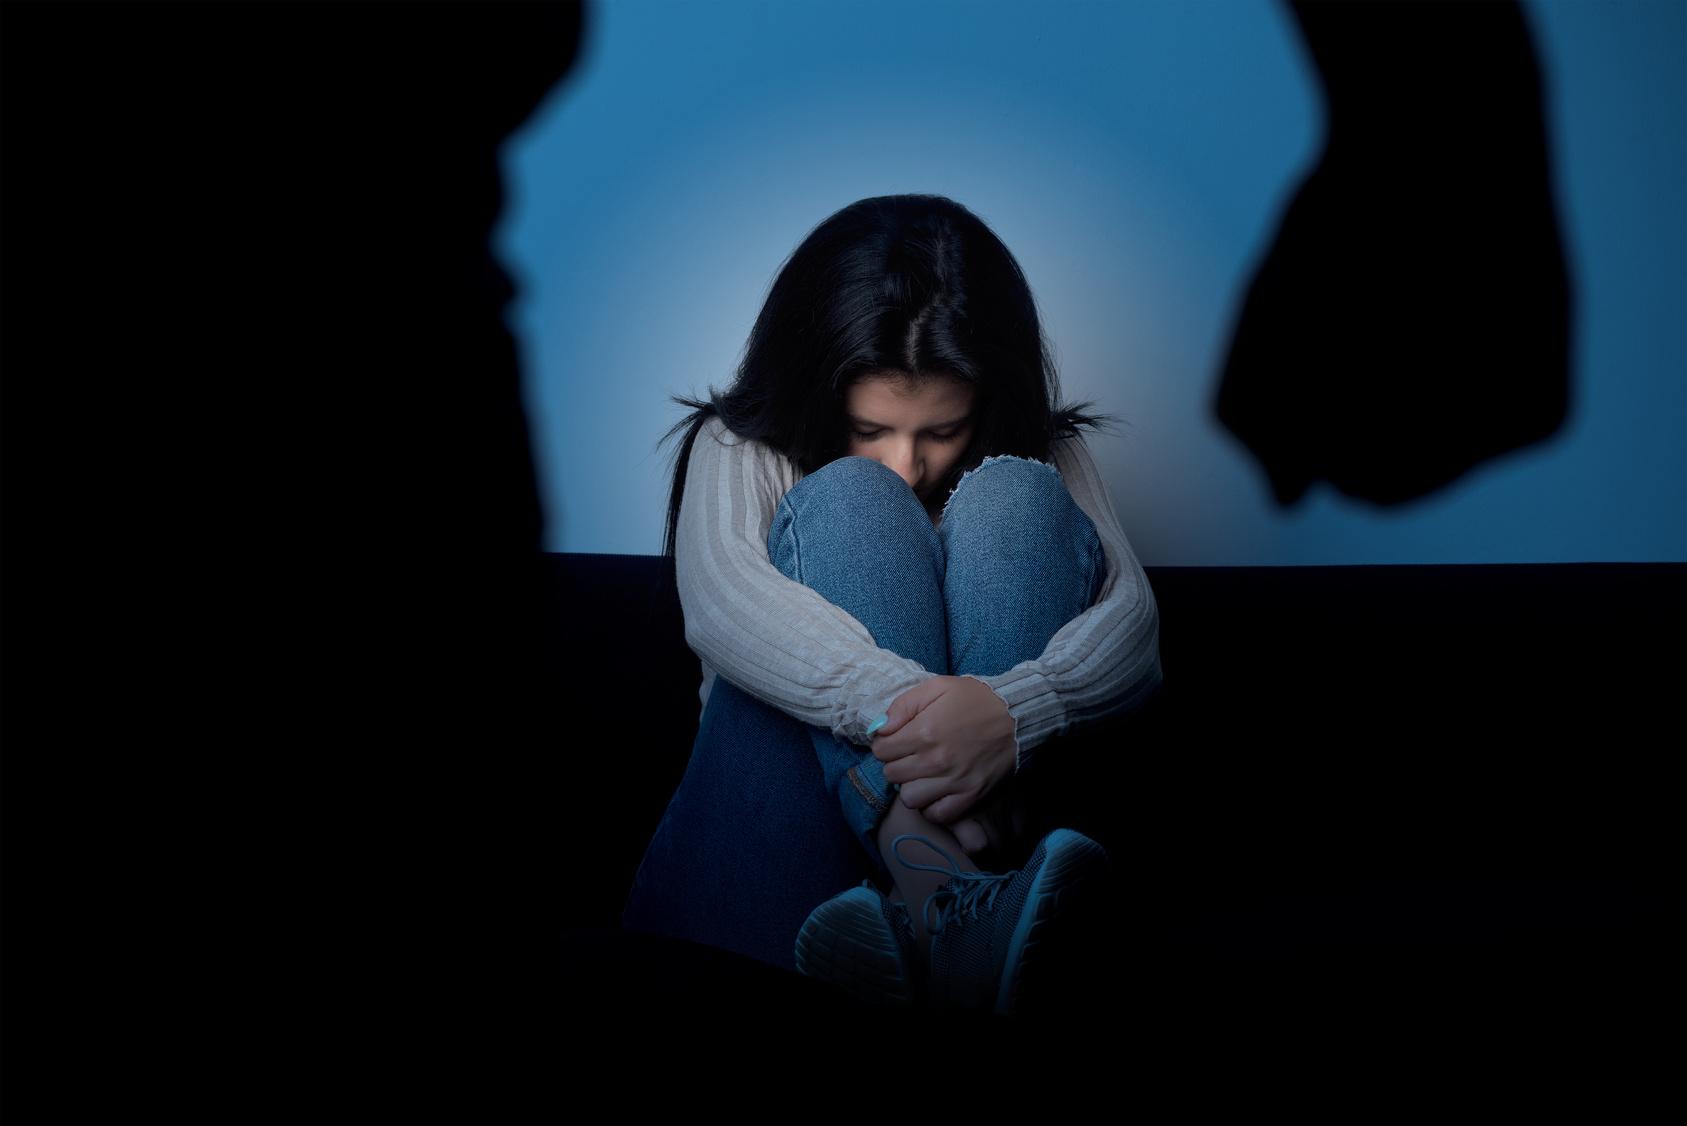 11-Jährige vergewaltigt und geschwängert